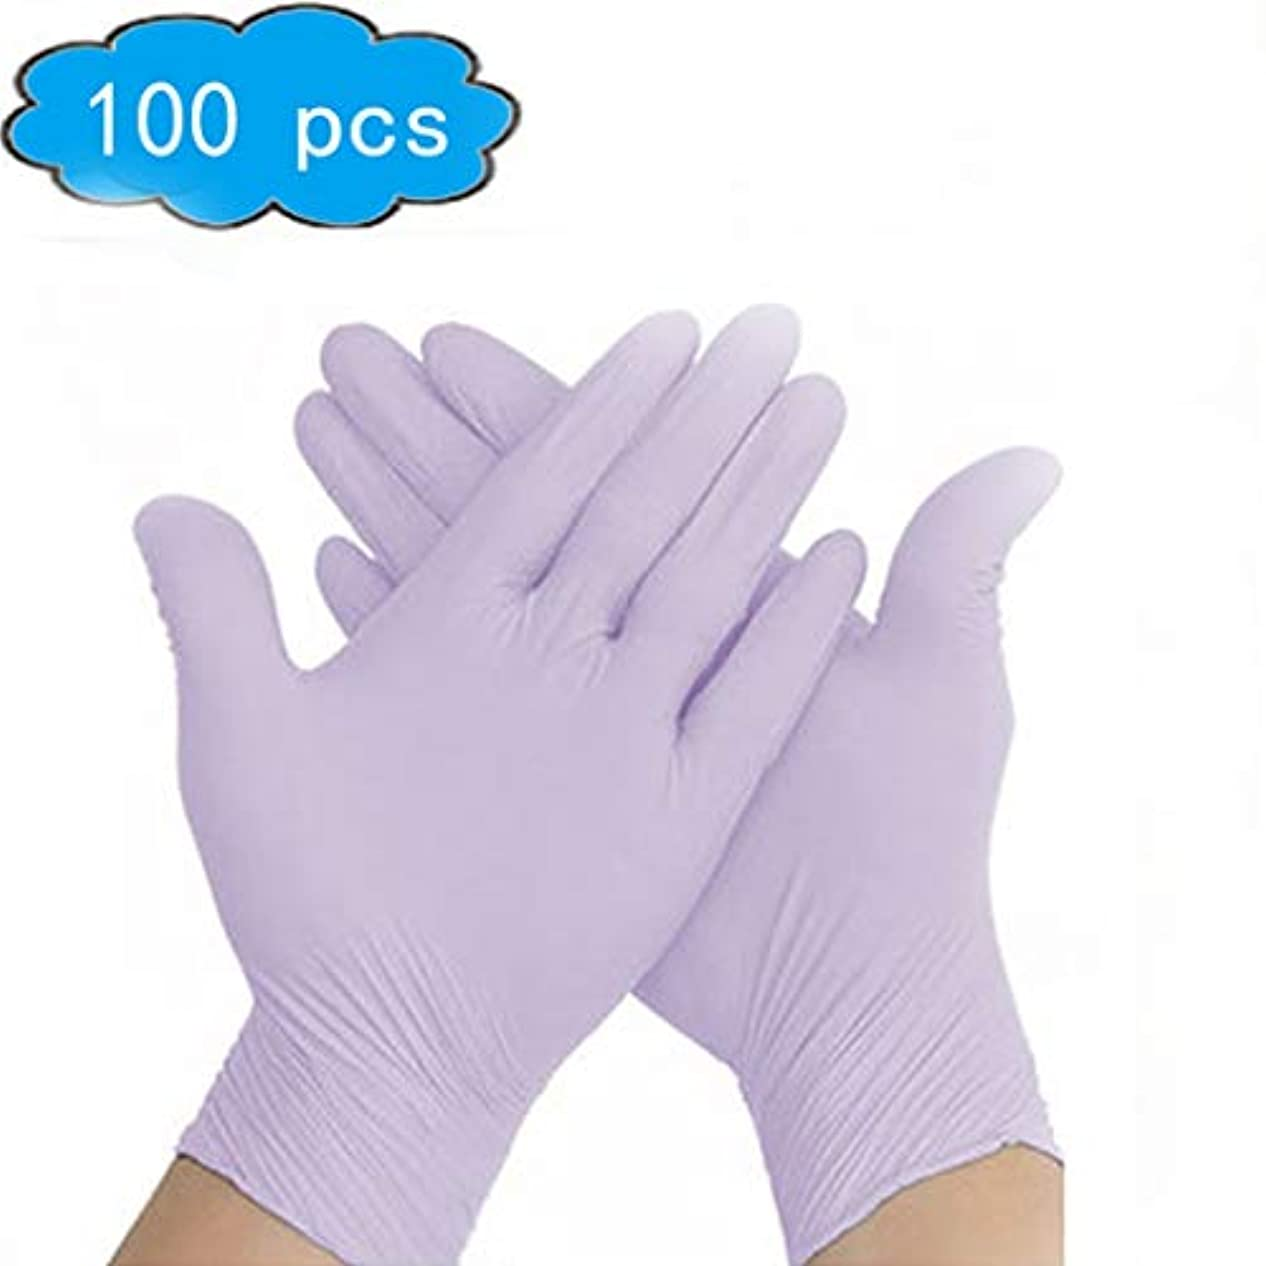 ゲインセイ傷跡敏感なニトリル手袋 - 医療用グレード、パウダーフリー、使い捨て、非滅菌、食品安全、テクスチャード加工、紫色、便利なディスペンサーパッケージ100、中サイズ、サニタリー手袋 (Color : Purple, Size : L)